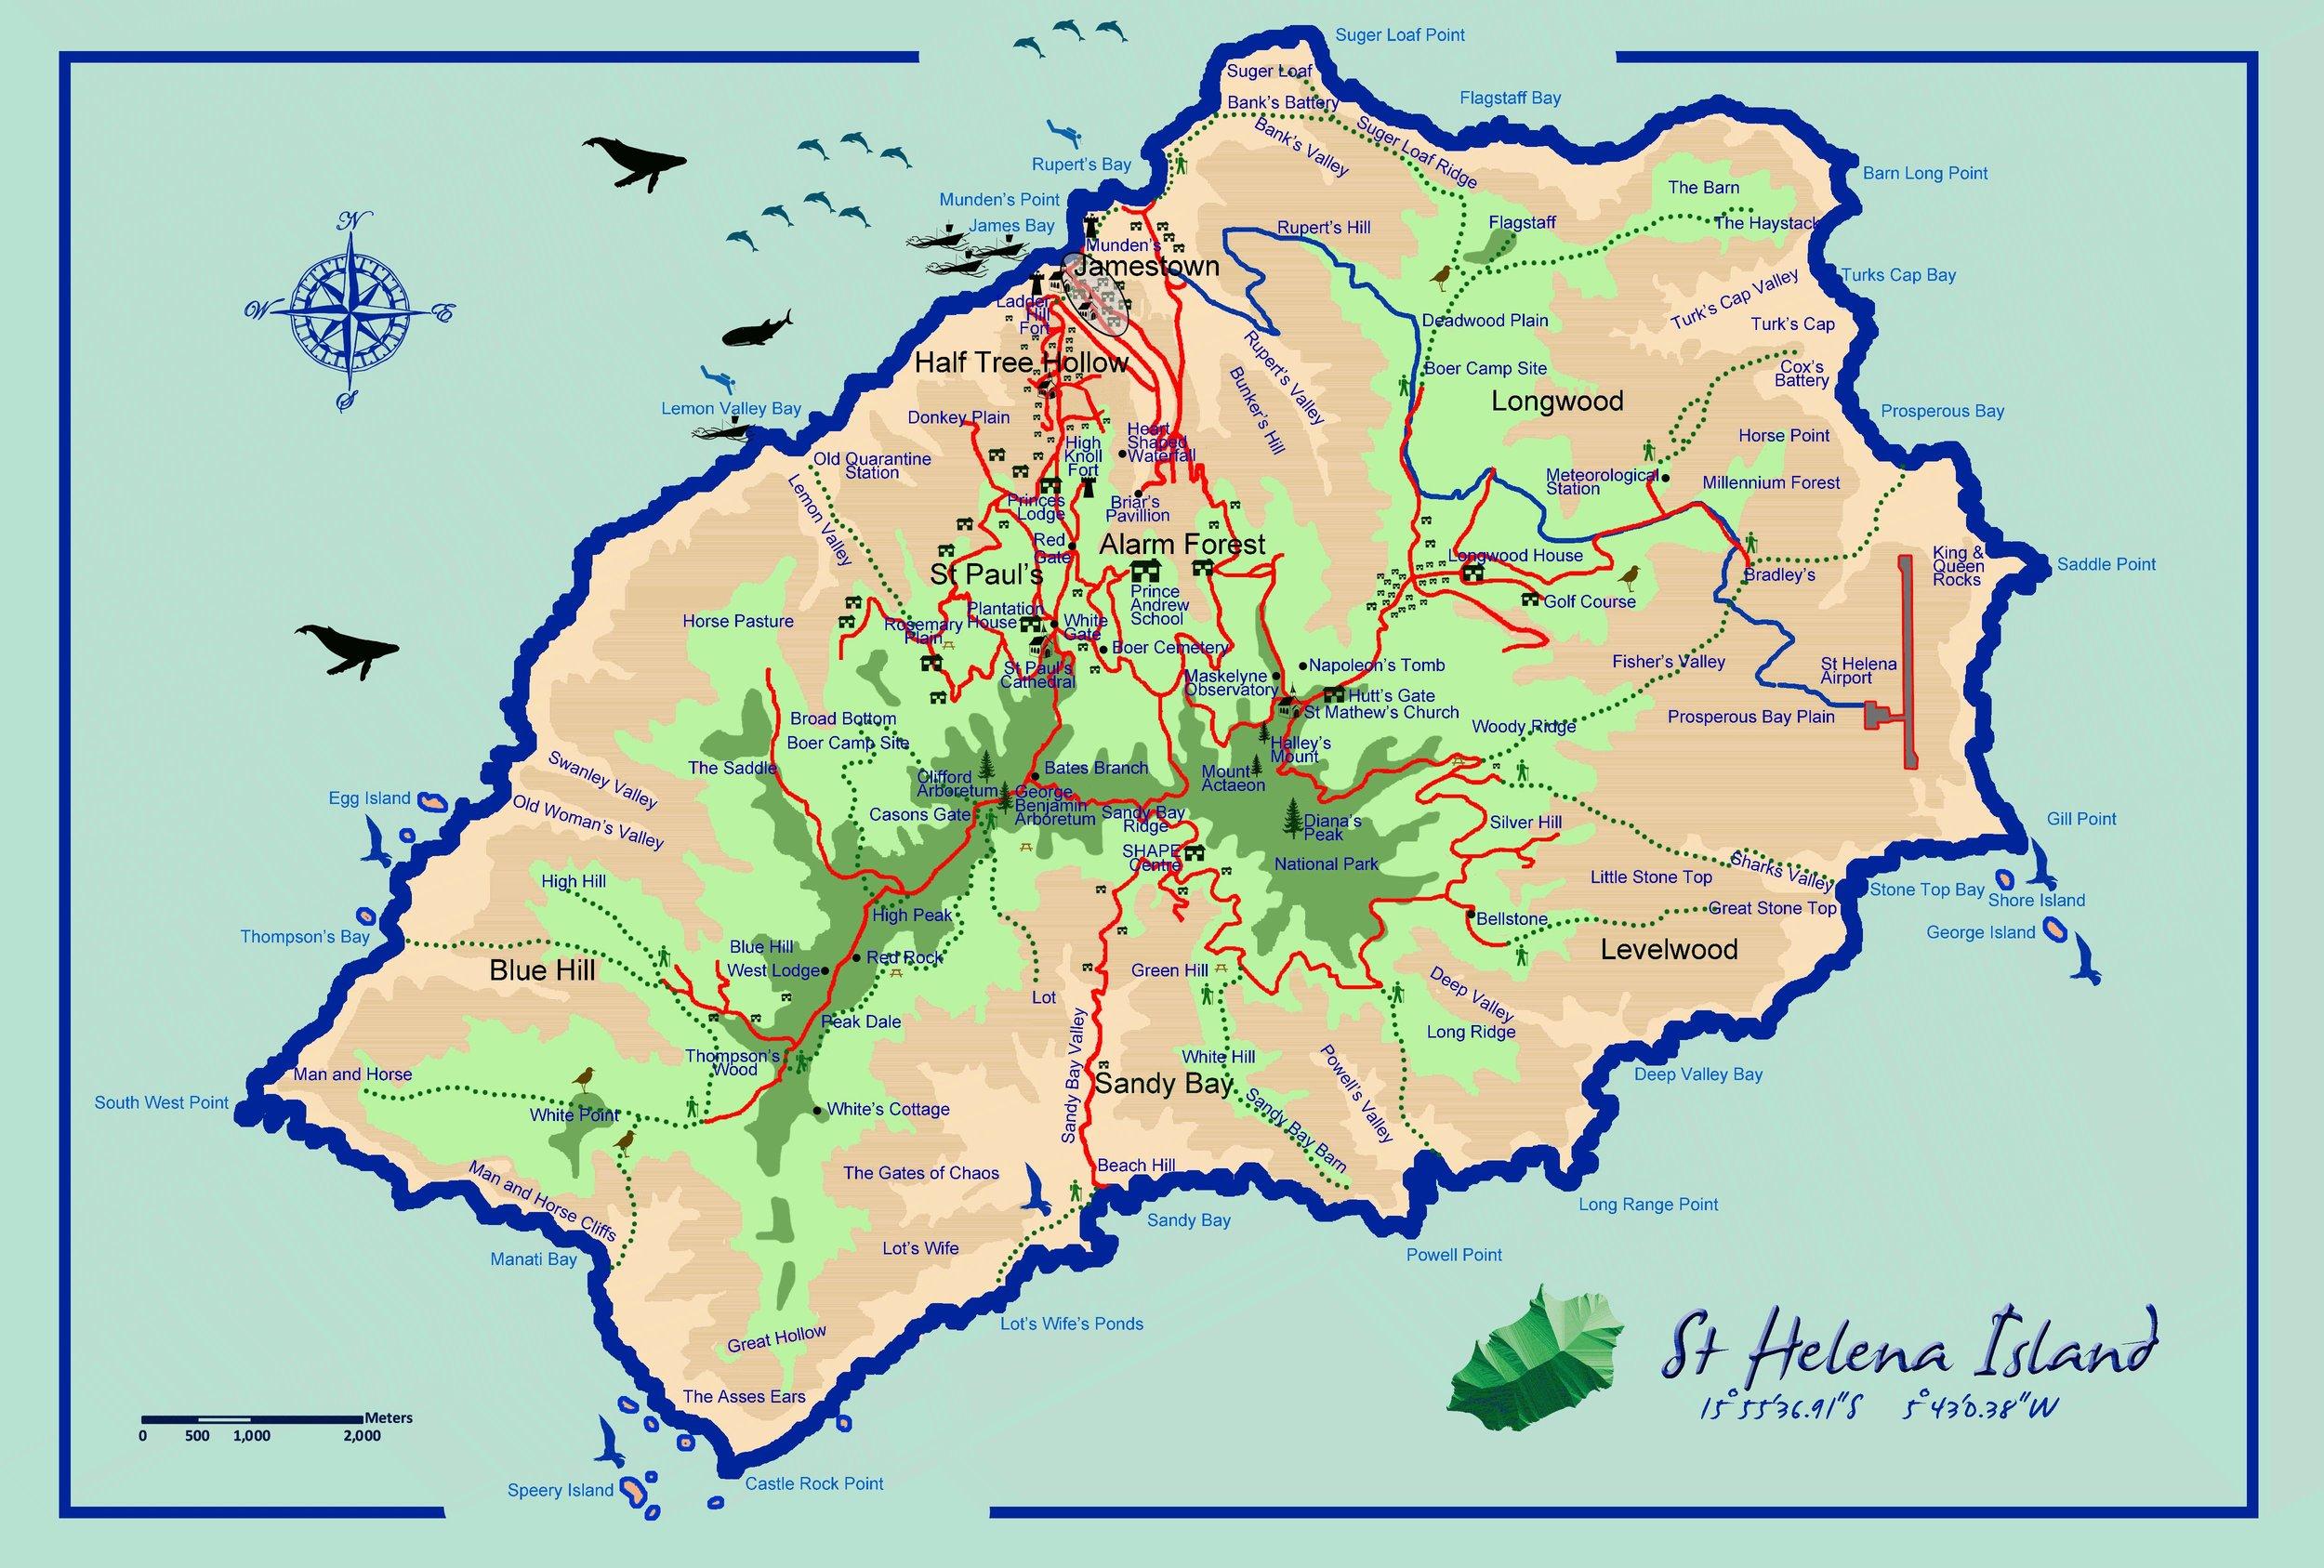 St Helena island map.jpg